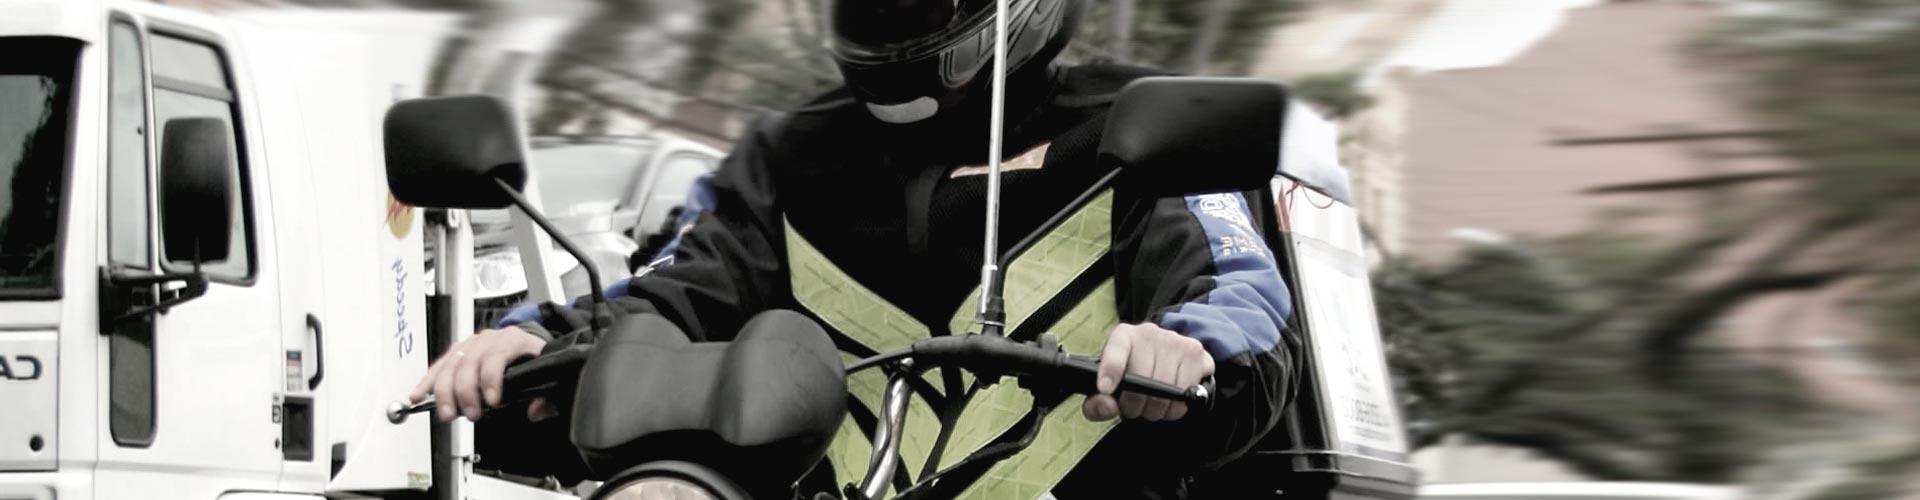 motoboy-em-pinheiros-1